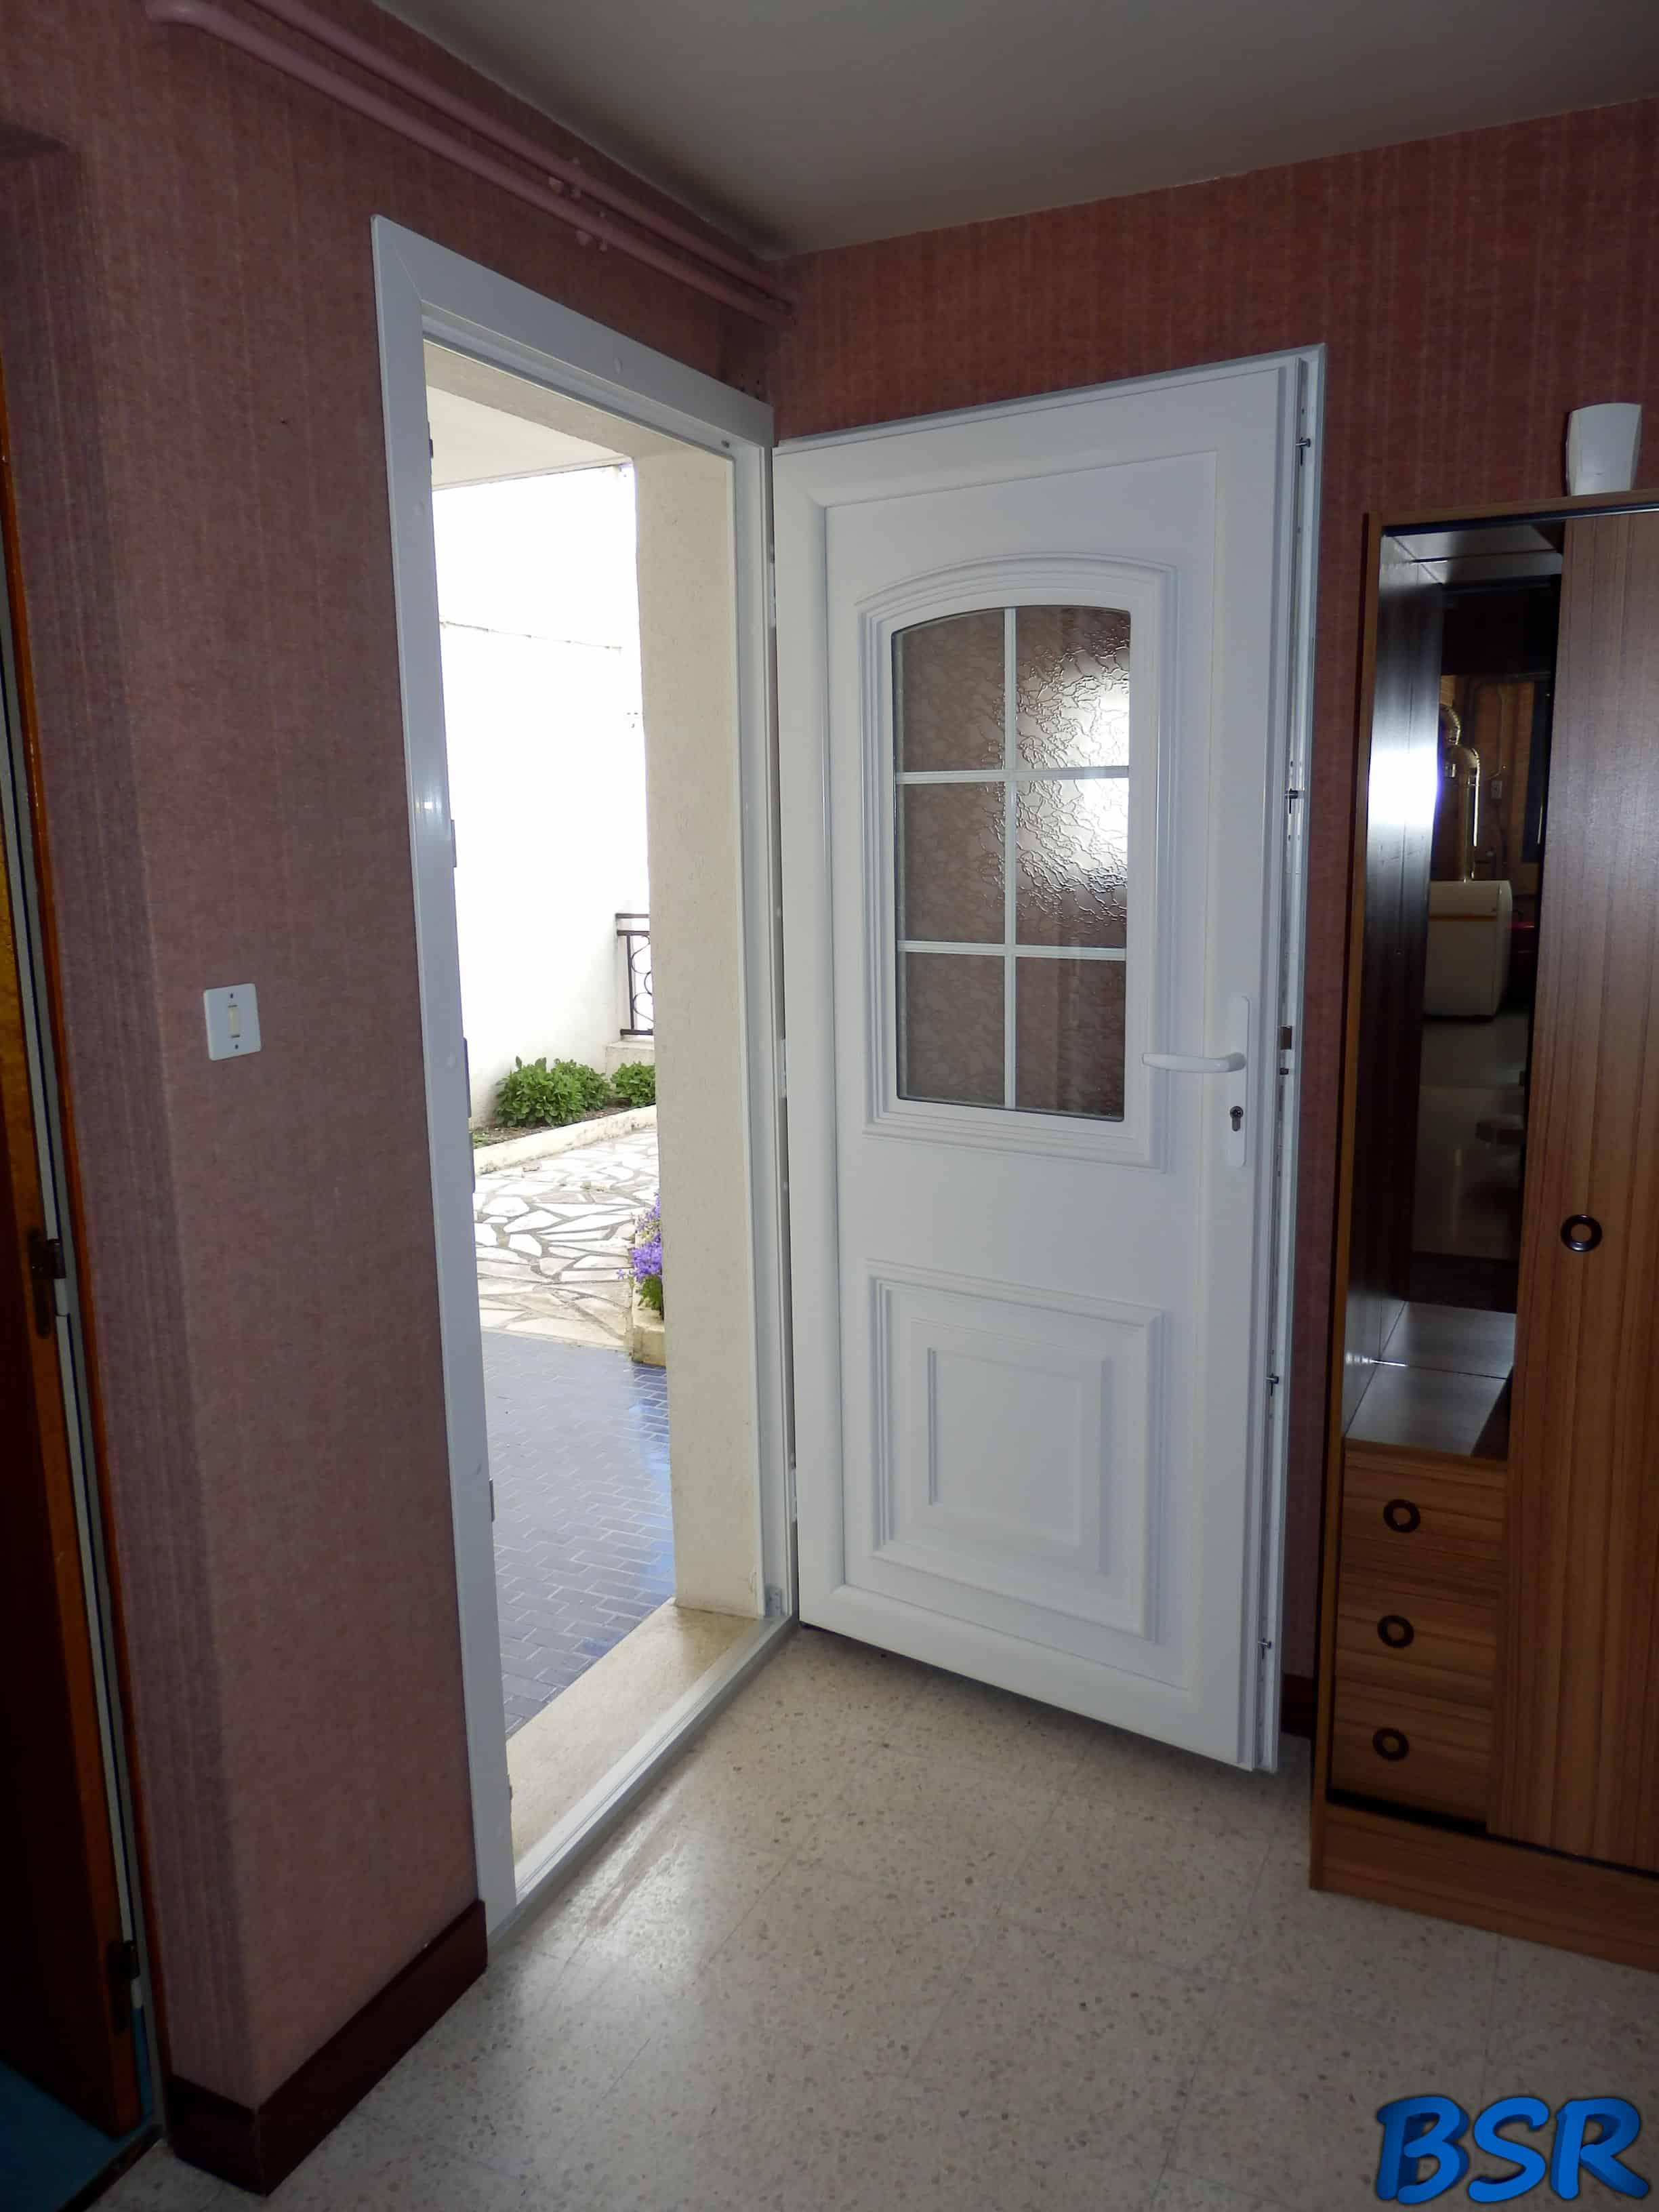 Porte et fenêtre PVC BSR 004